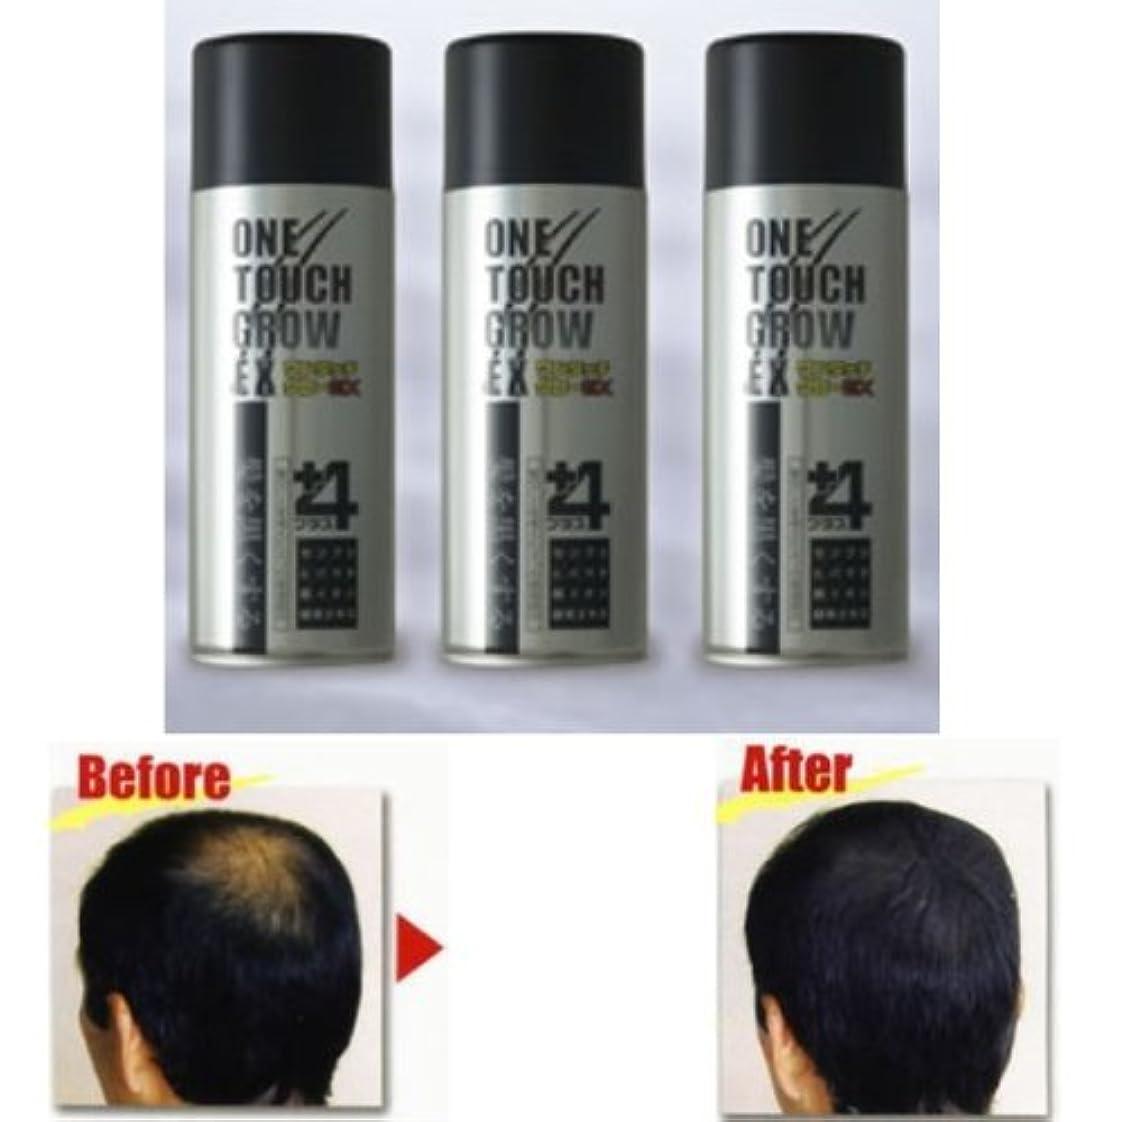 札入れチーターレンド3本セット髪を黒くする瞬間増毛スプレ-ワンタッチグローEX